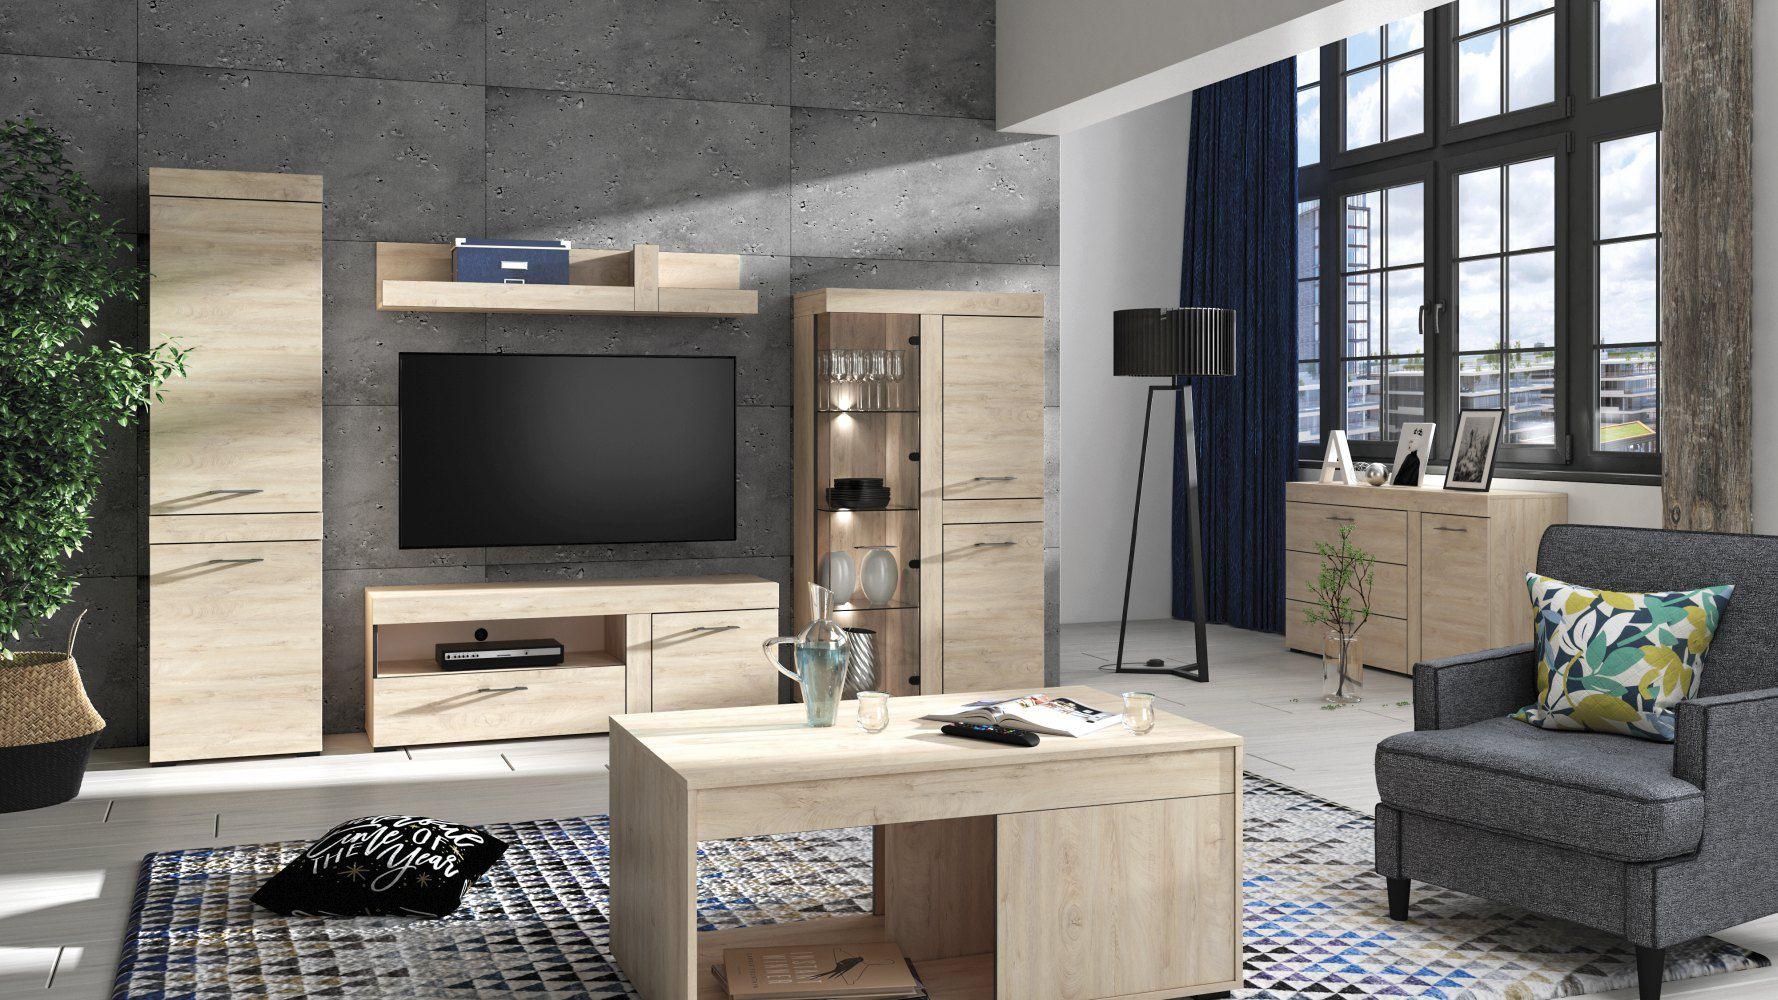 Wohnzimmer Komplett - Set B Decorah, 6-teilig, Farbe: Eiche hell